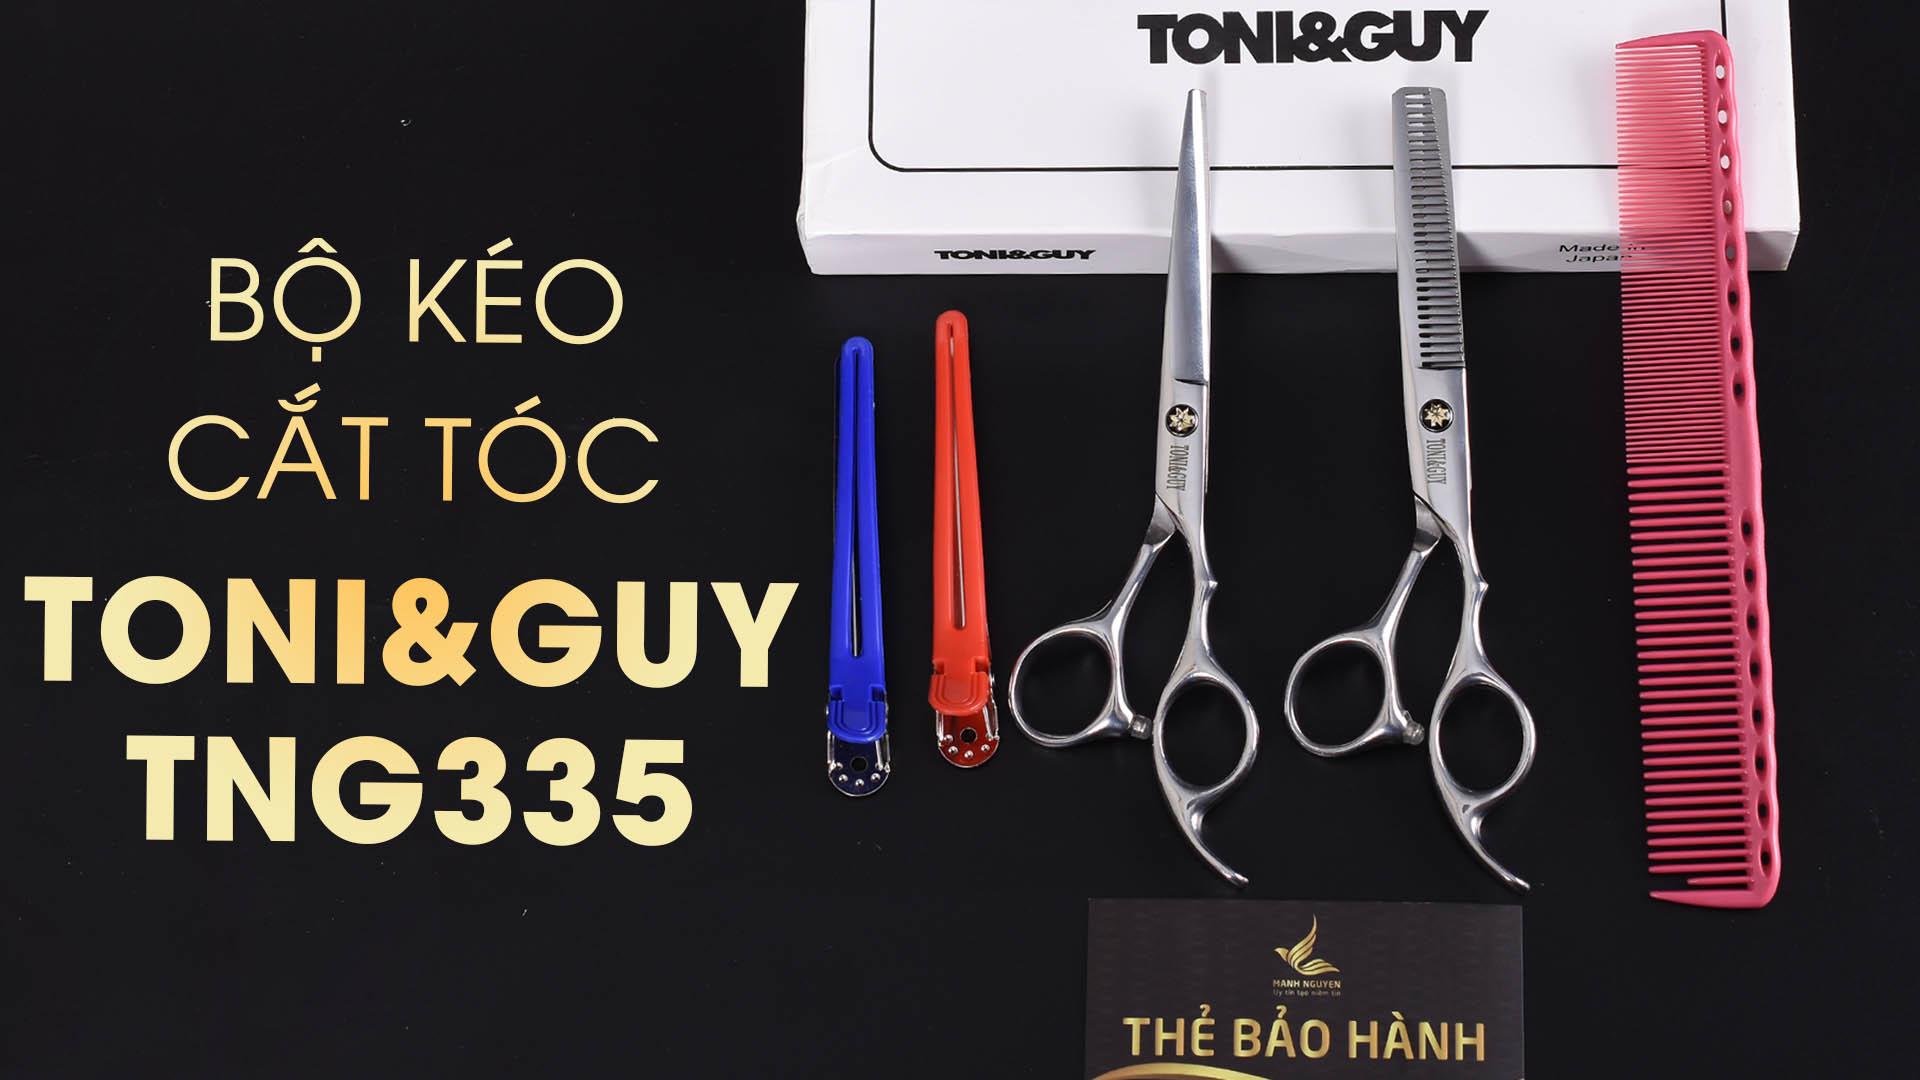 keo cat toc toni&guy tng335